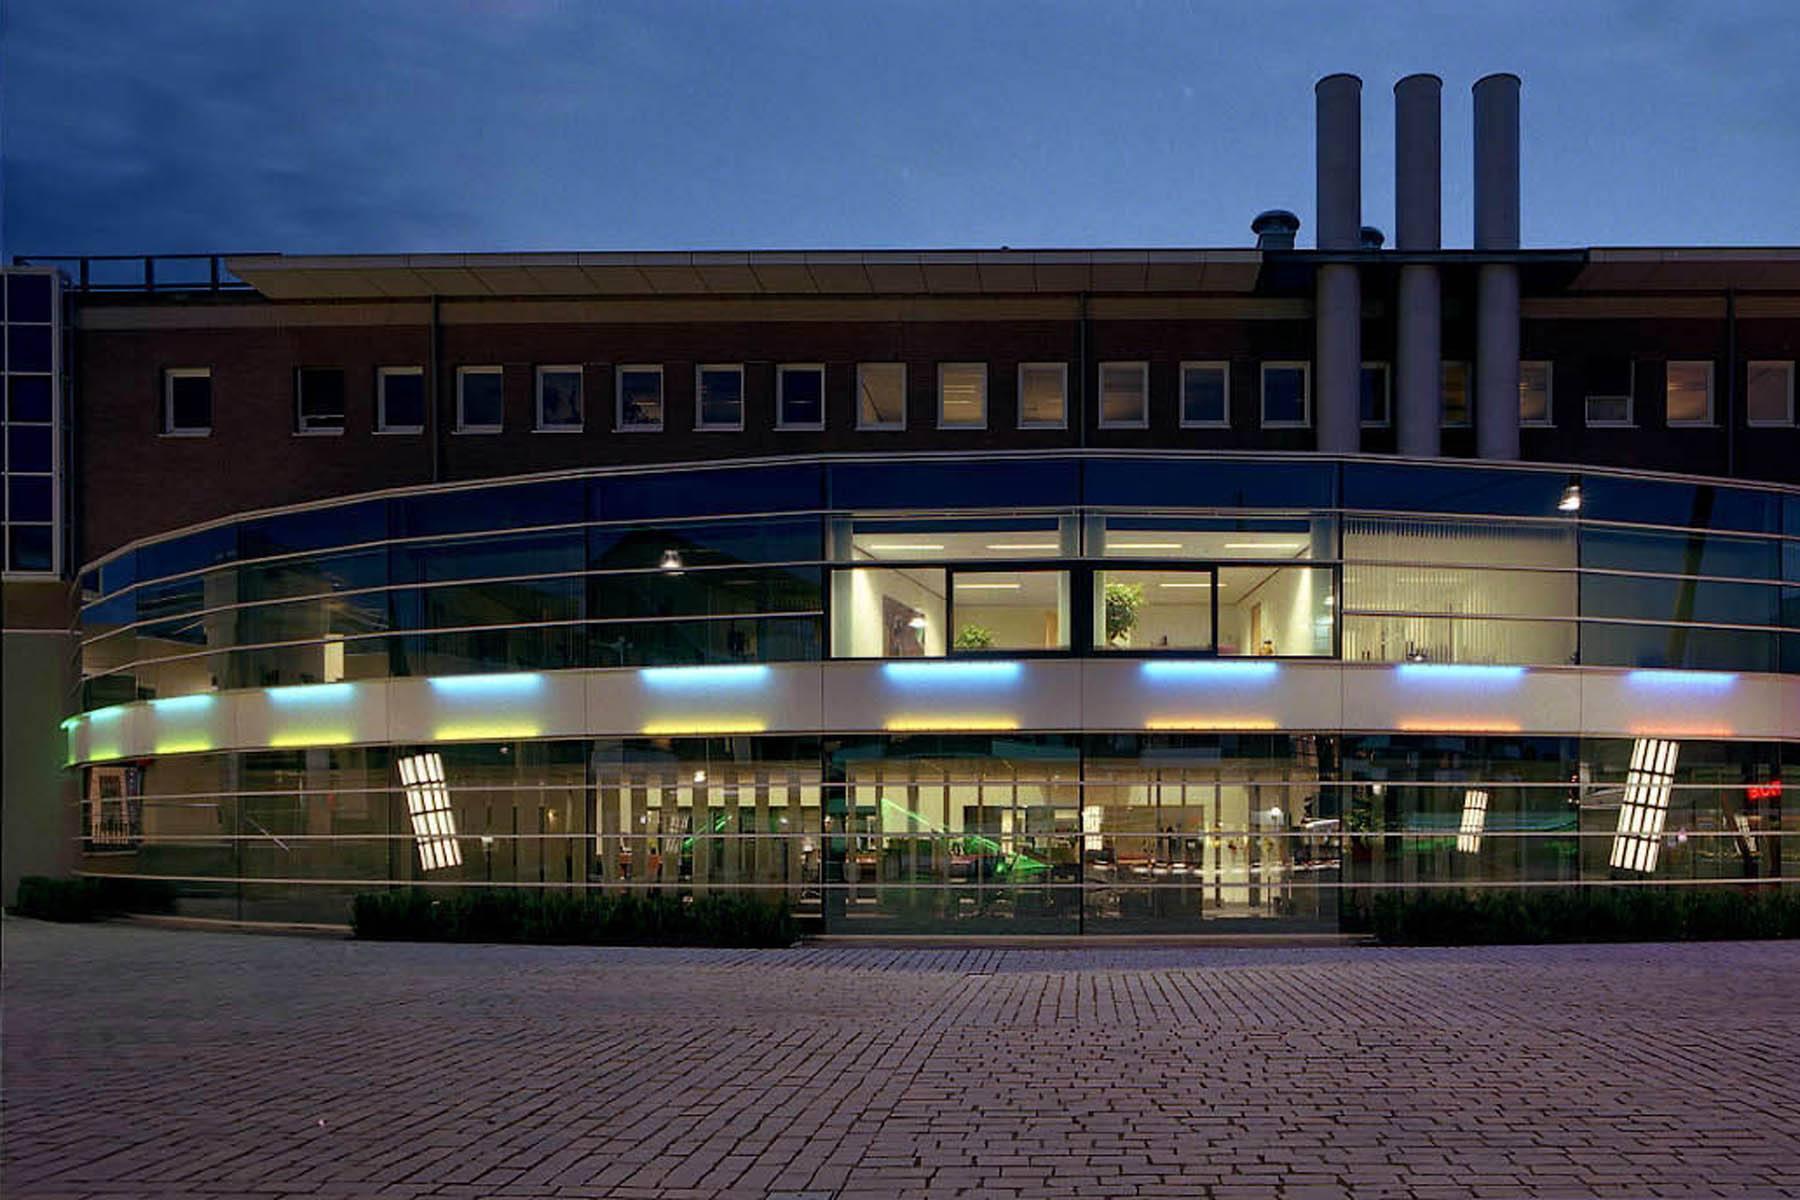 Licht in openbare ruimte - Gemeente Centrum Veldhoven / 2005